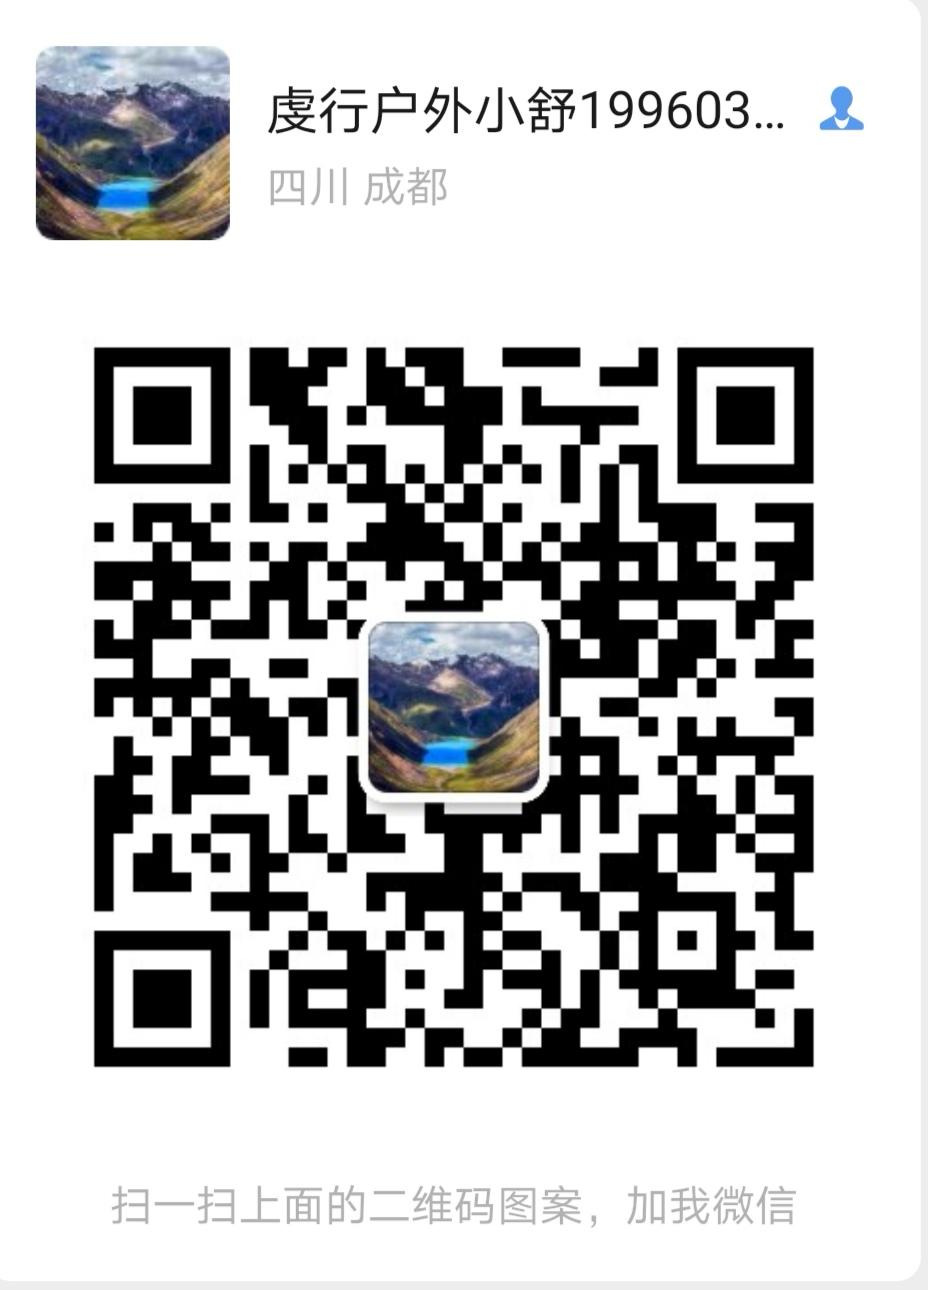 Screenshot_20200408_120112.jpg